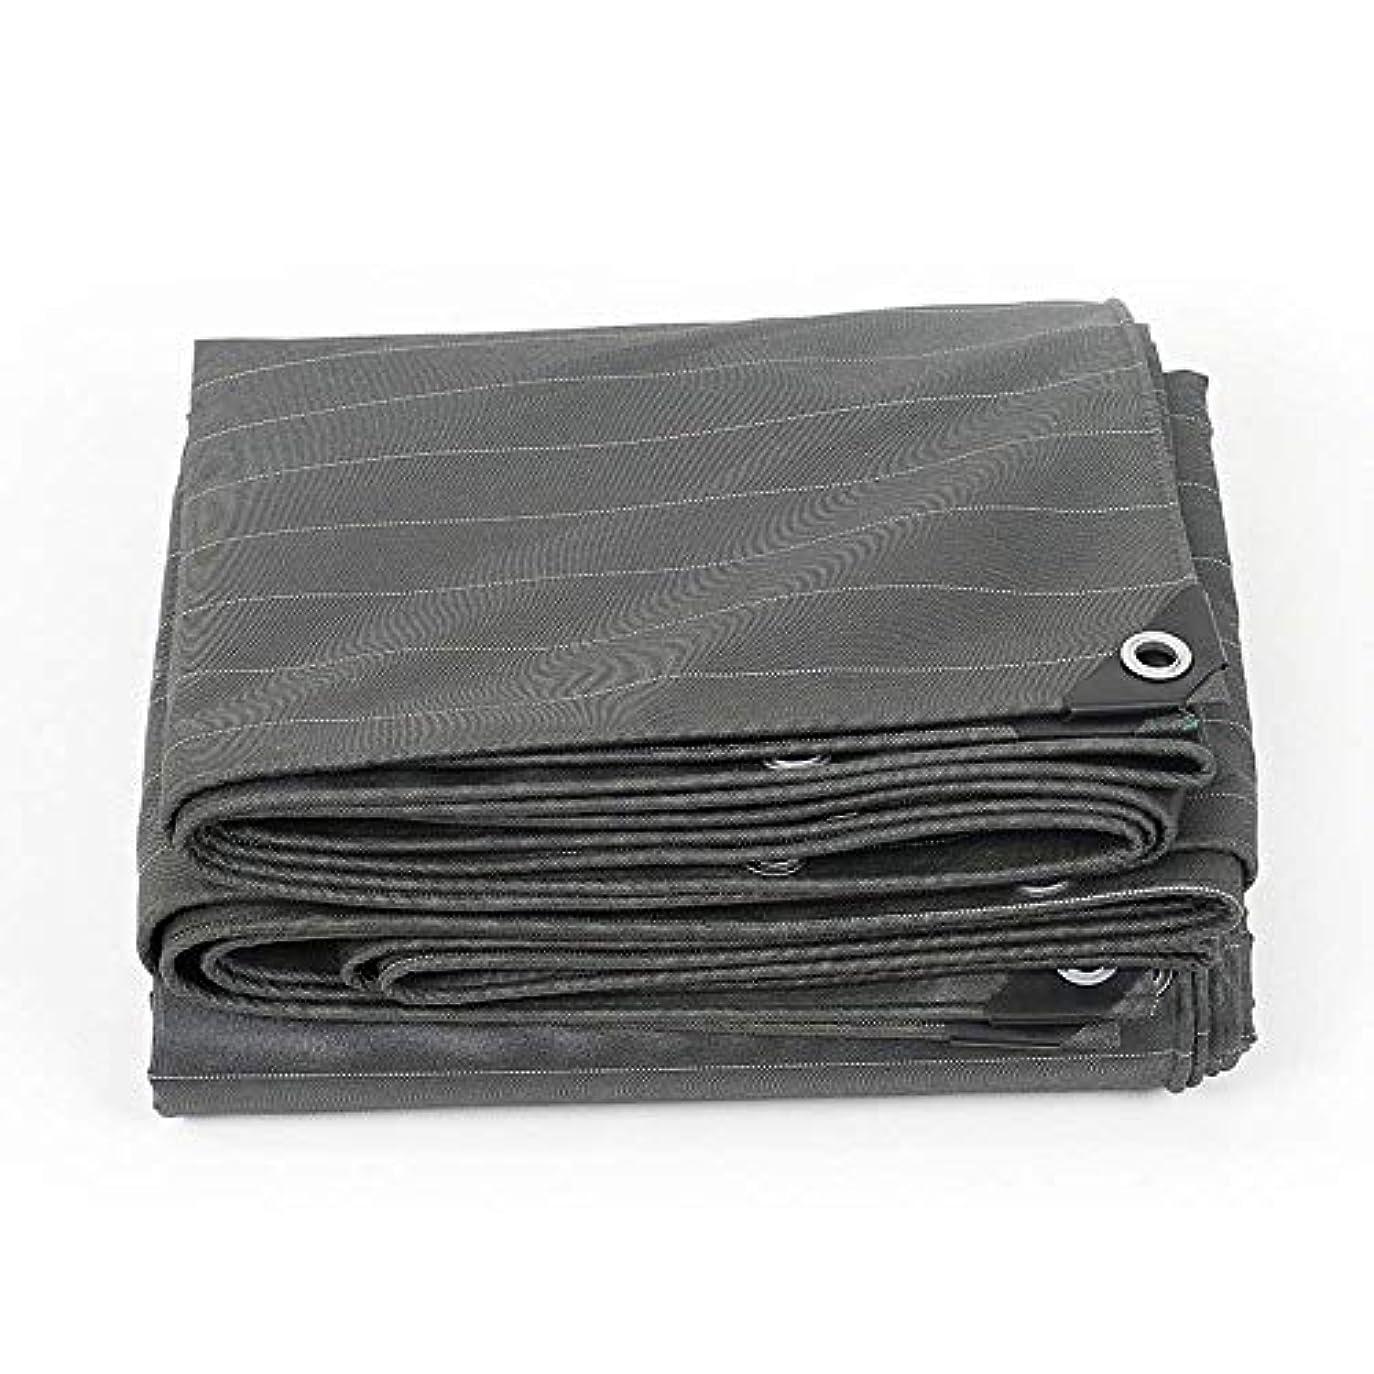 不機嫌そうな使い込むクラウドZX タープ 防水シート厚くする防水シートアウトドア防水日焼け止めシェード布トラック植物カバー0.5mm560 G/M 2 テント アウトドア (Color : Gray, Size : 5x5m)